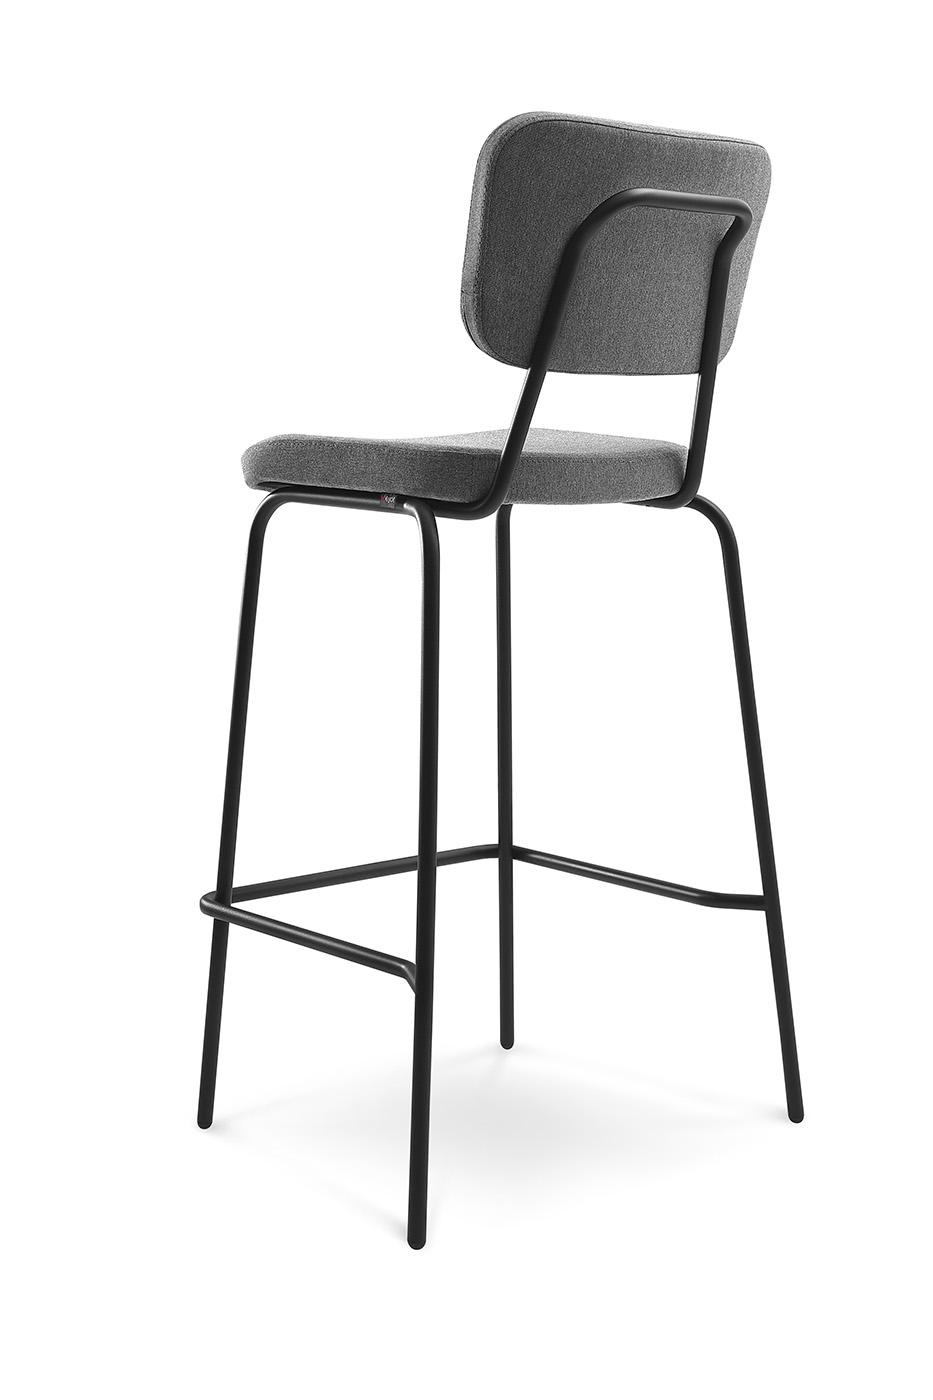 Bejot-EPOCC-hoge-stoel-05